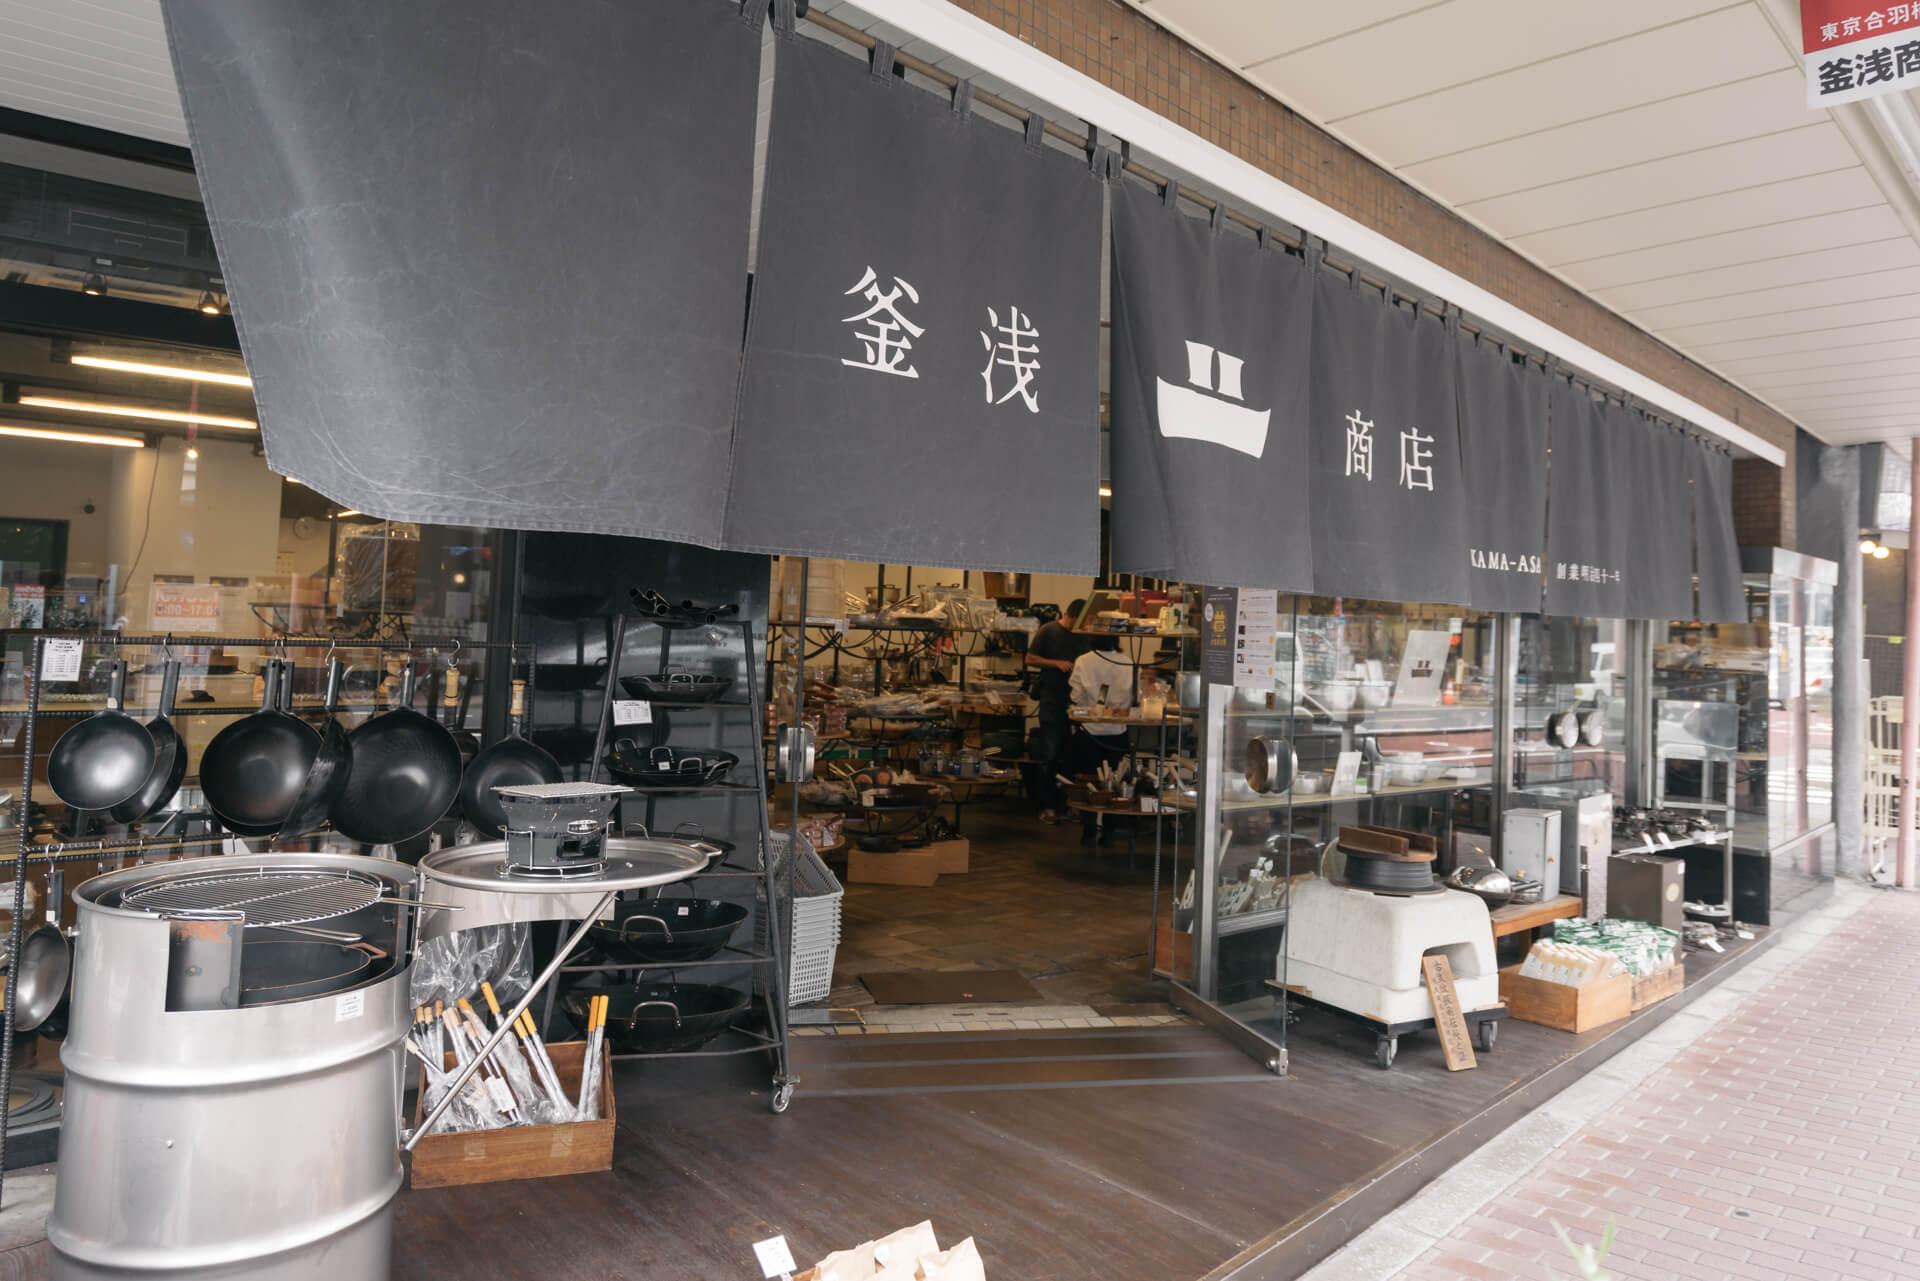 合羽橋で創業109年。釜浅商店の「良理道具」で、毎日の美味しい暮らしをつくる